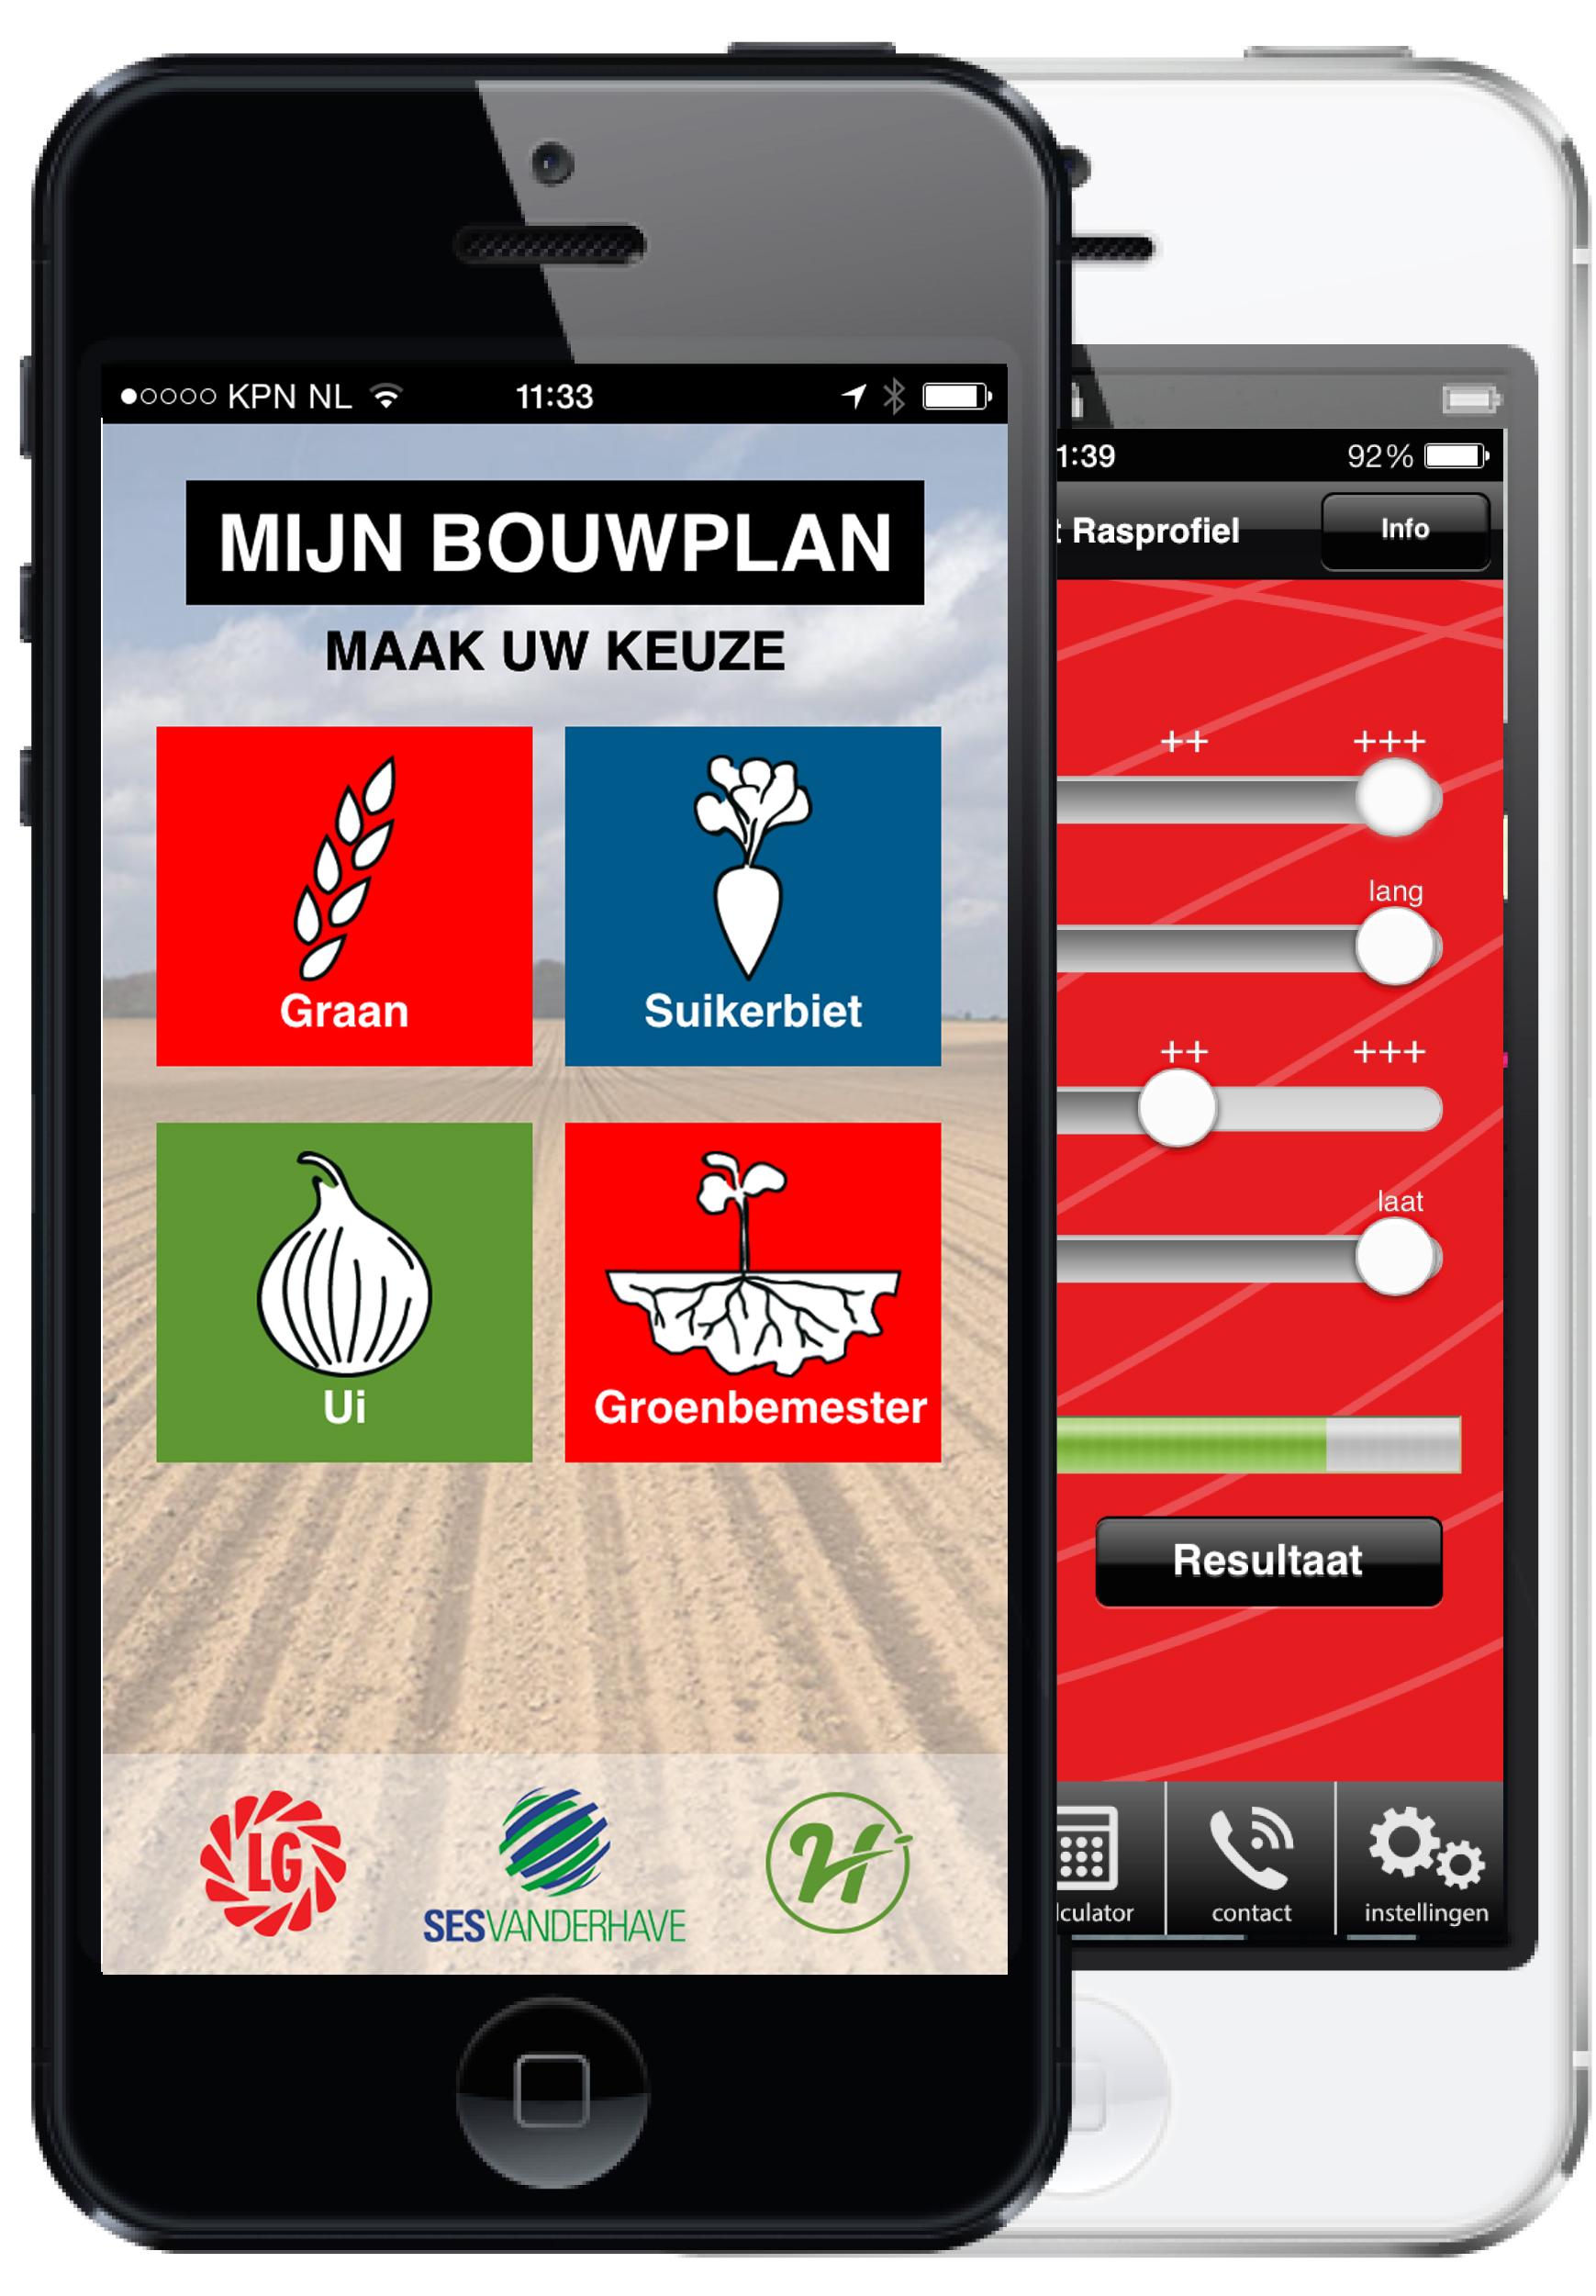 voorstelling app scherm telefoon